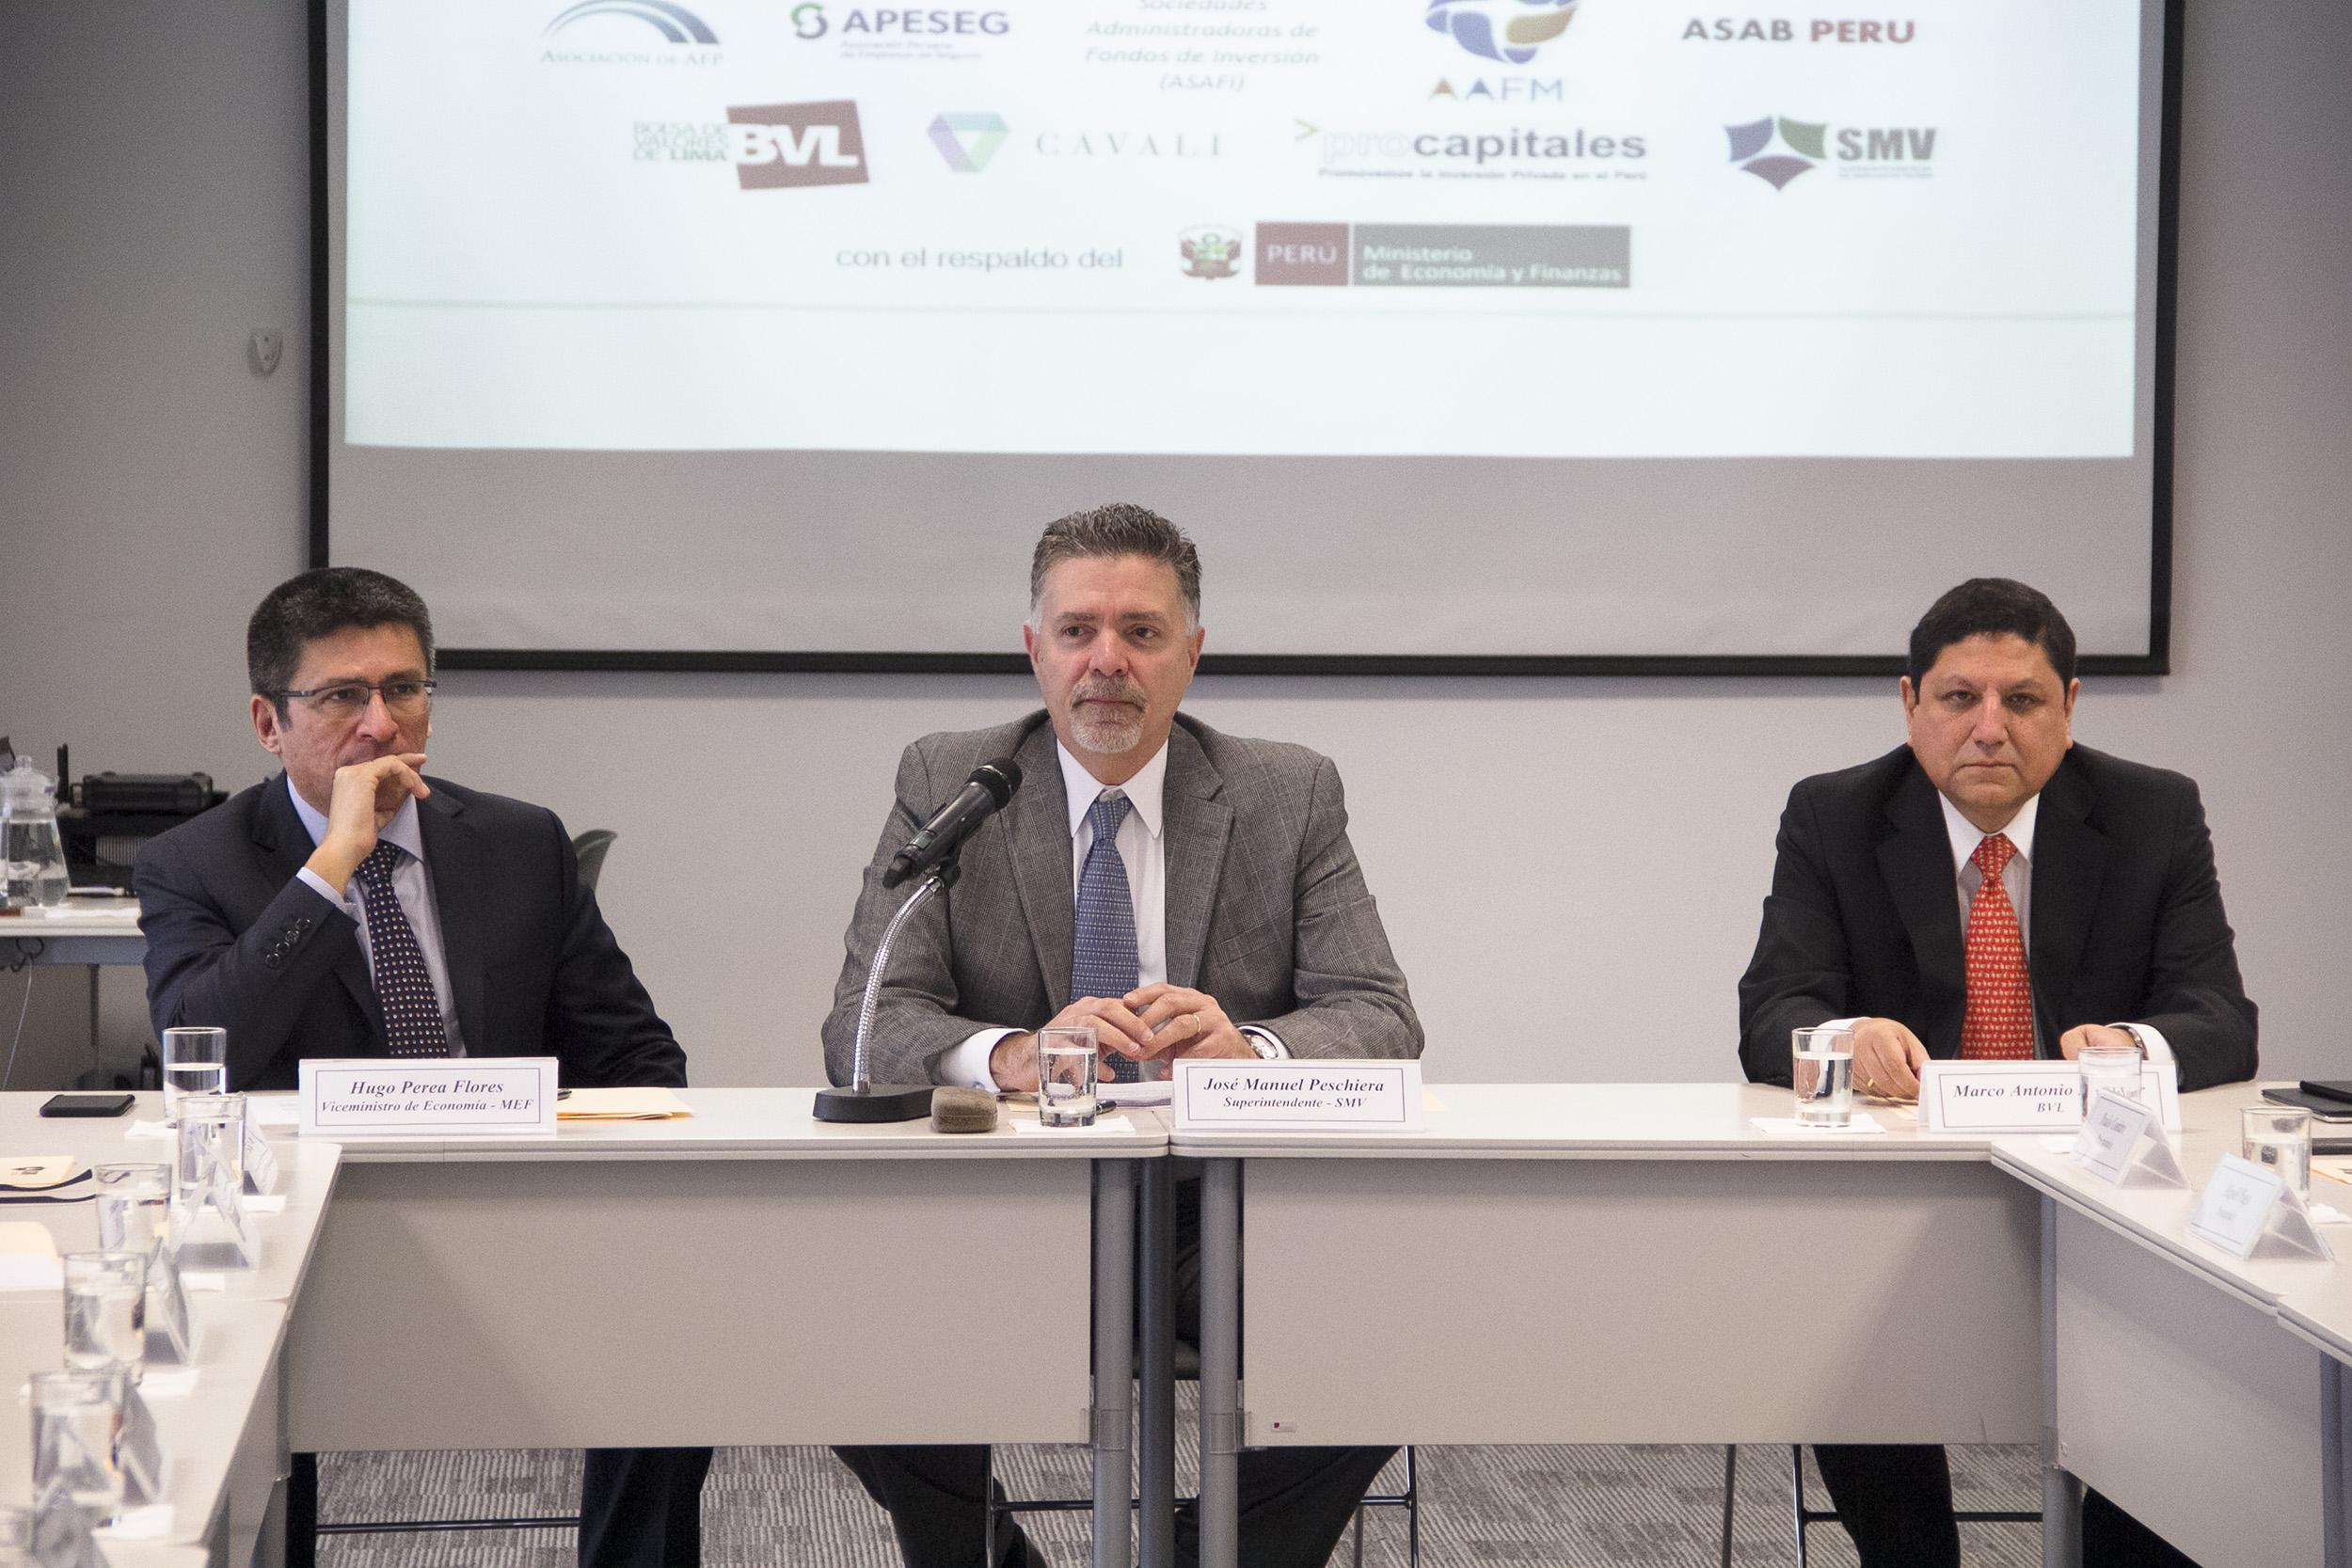 Primera Reunión del Consejo Consultivo del Mercado de Capitales del Perú